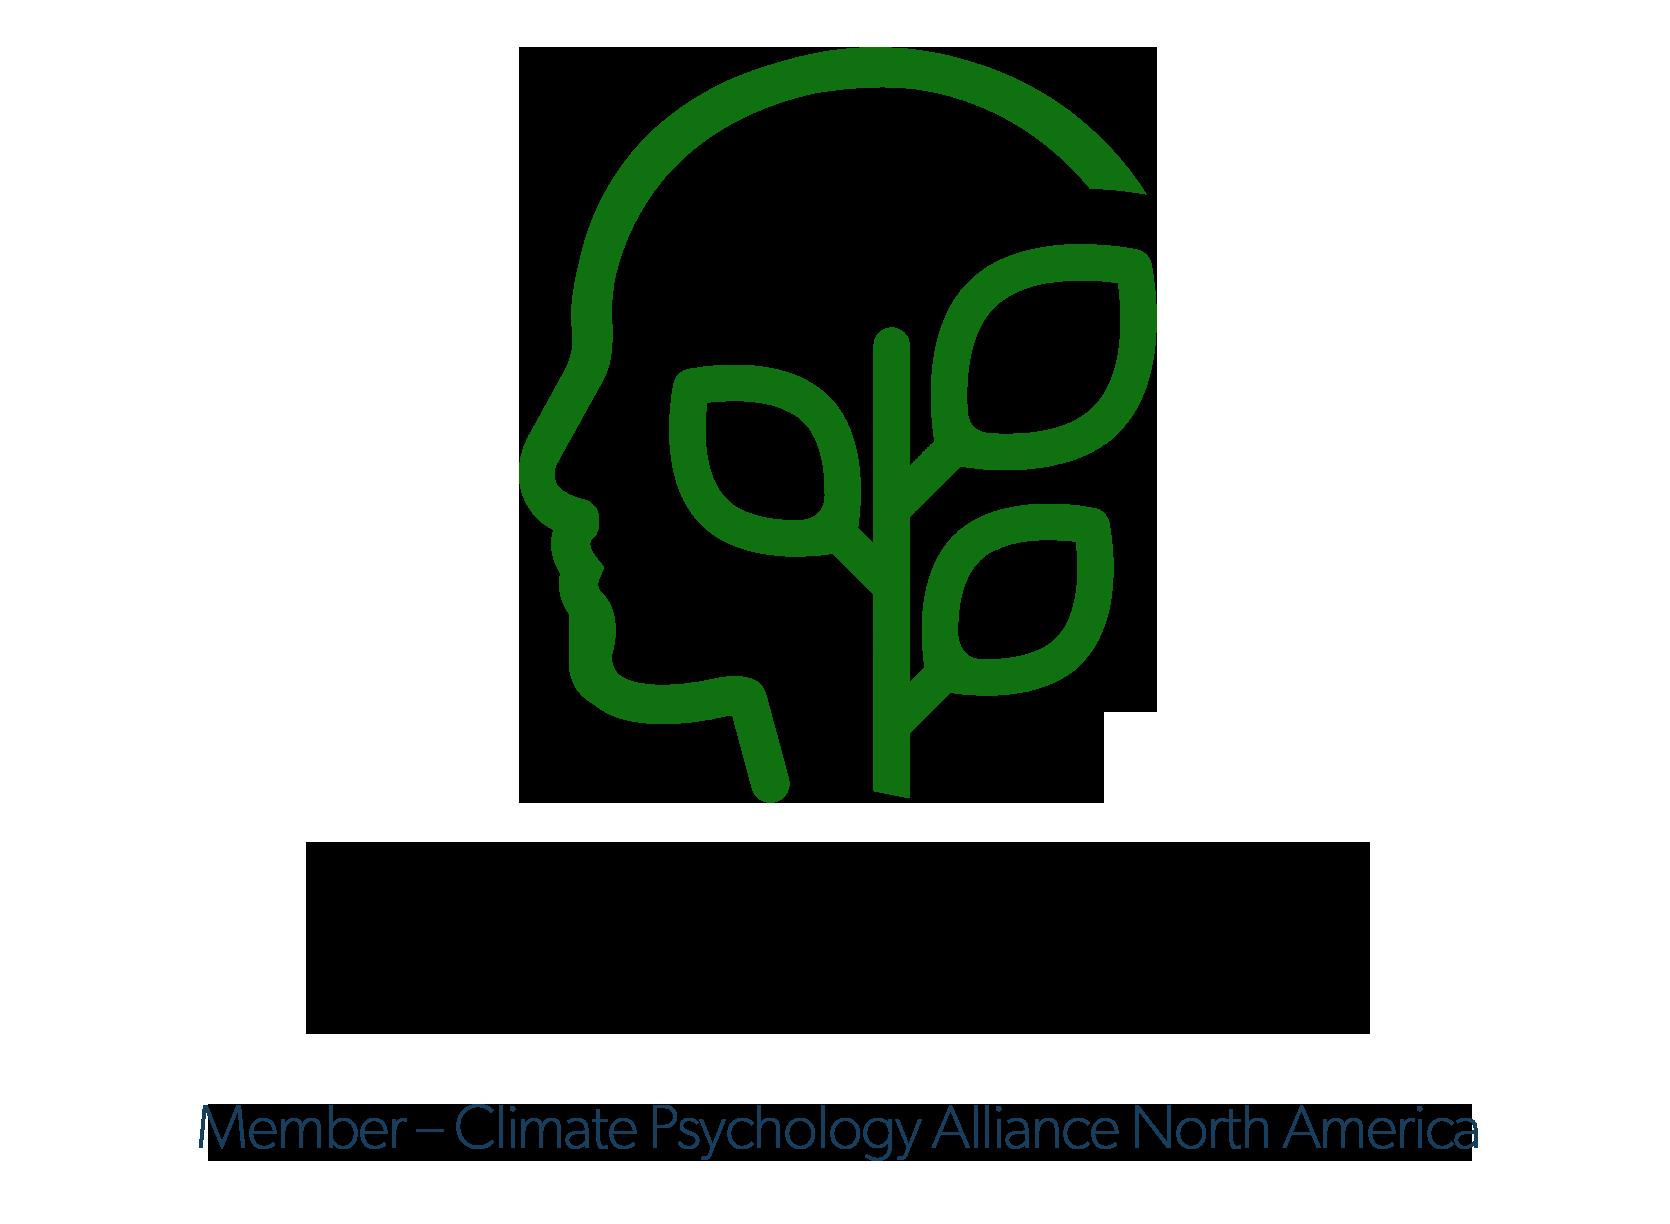 CPA-NA Member